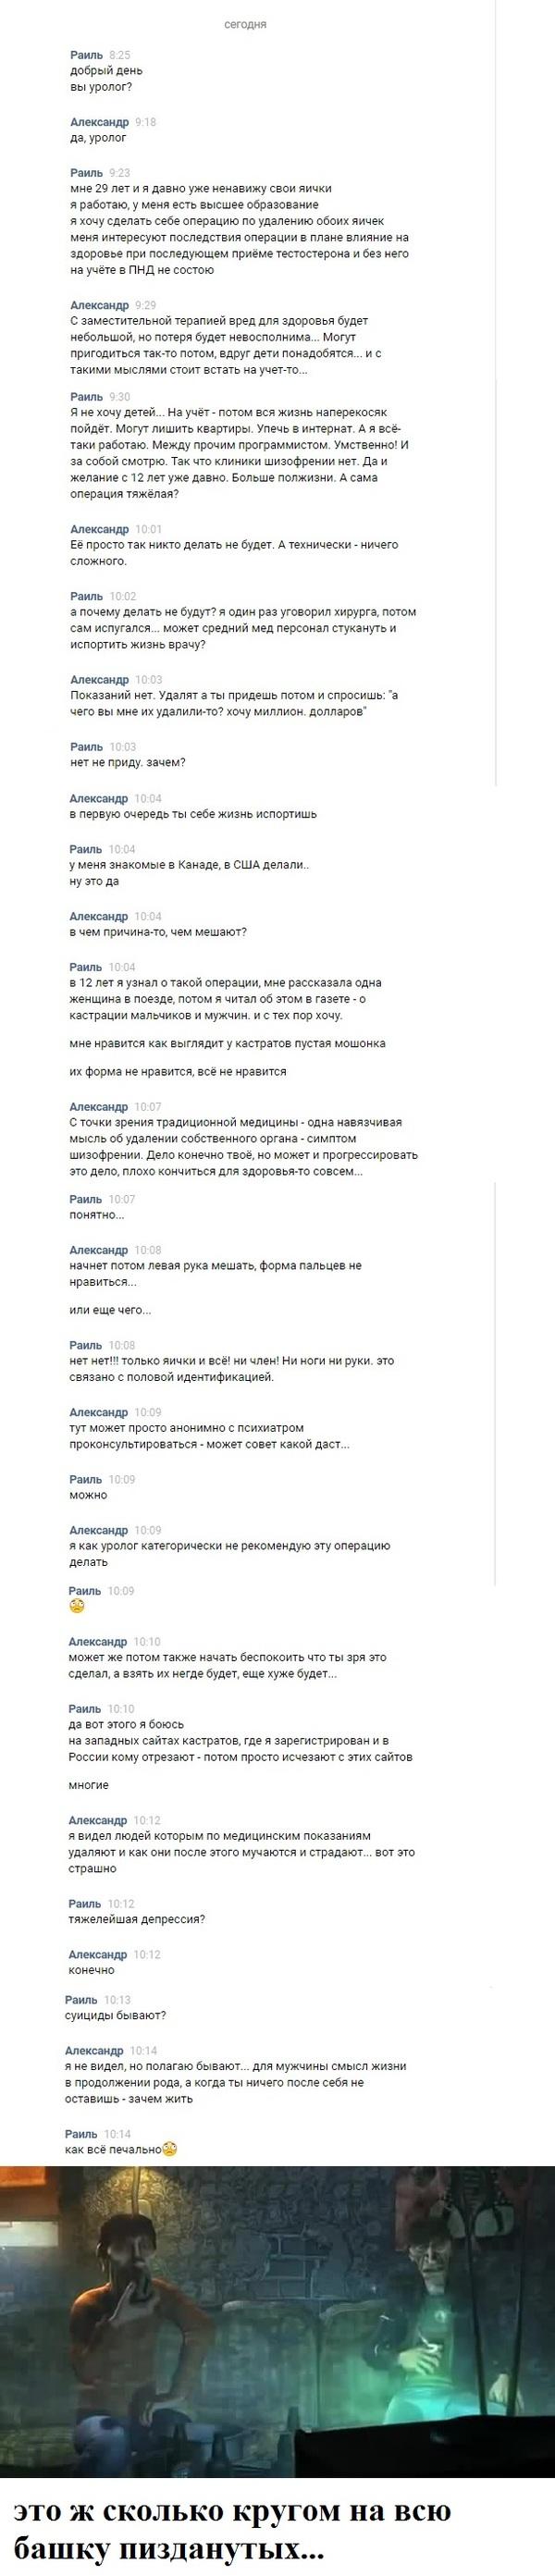 Не слушайте женщин в поездах! ВКонтакте, Медицина, Урология, Мешает, Длиннопост